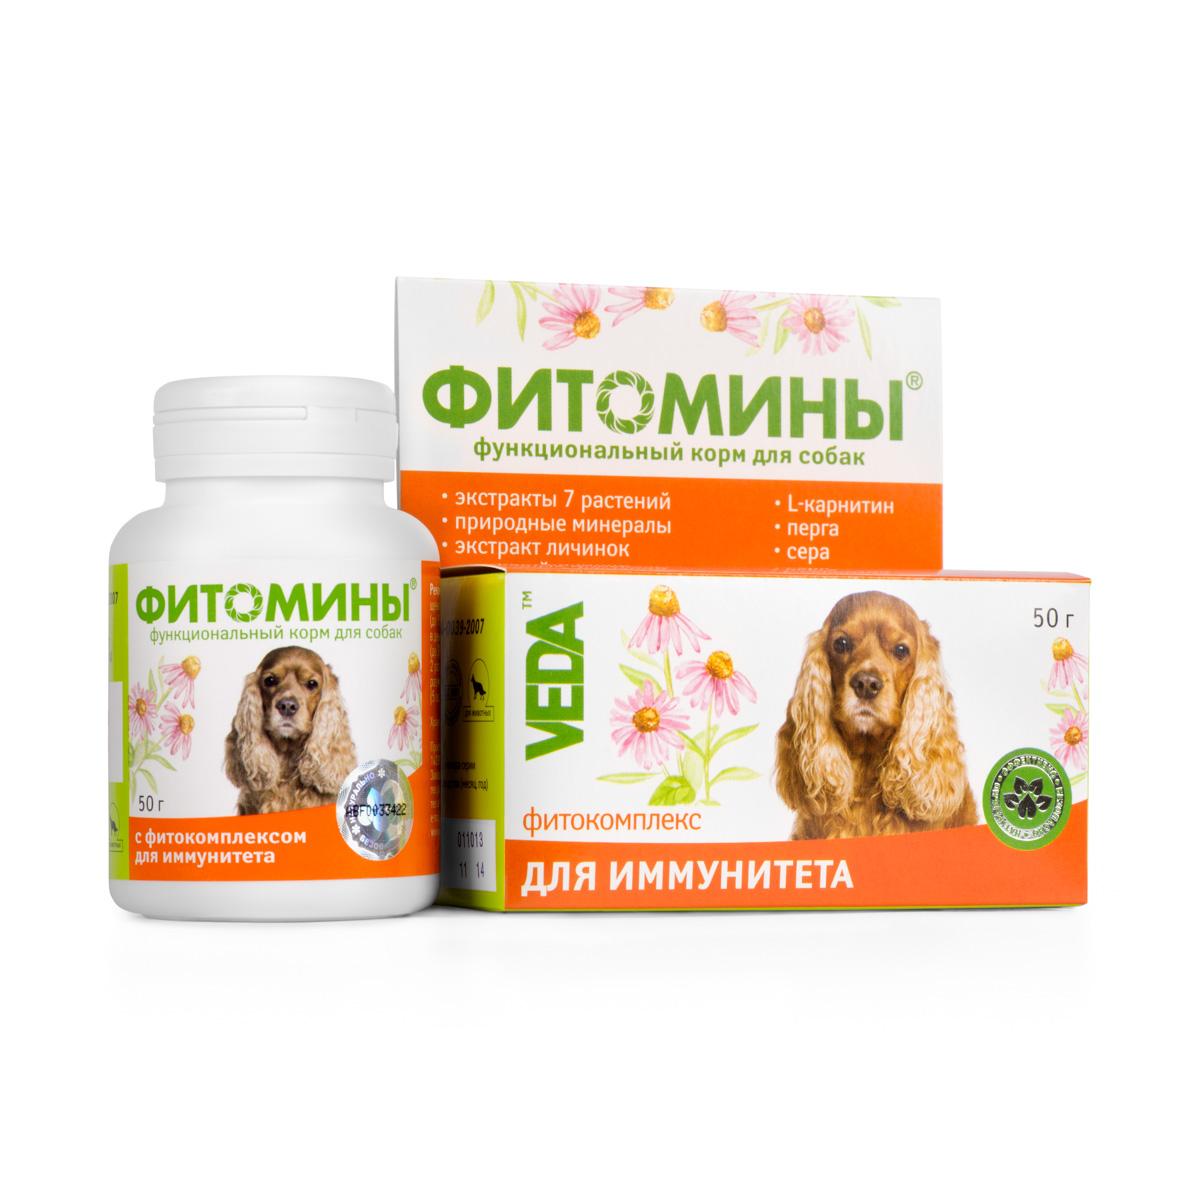 Фитомины функциональный корм для собак с фитокомплексом для иммунитета, 50 г4605543005947Повышает сопротивляемость организма, ускоряет процессы регенерации. Включают в рацион ослабленных, подверженных инфекционным заболеваниям животных: - во время и после различных заболеваний, - для адаптации к стрессовым ситуациям, - при неблагоприятной окружающей среде.